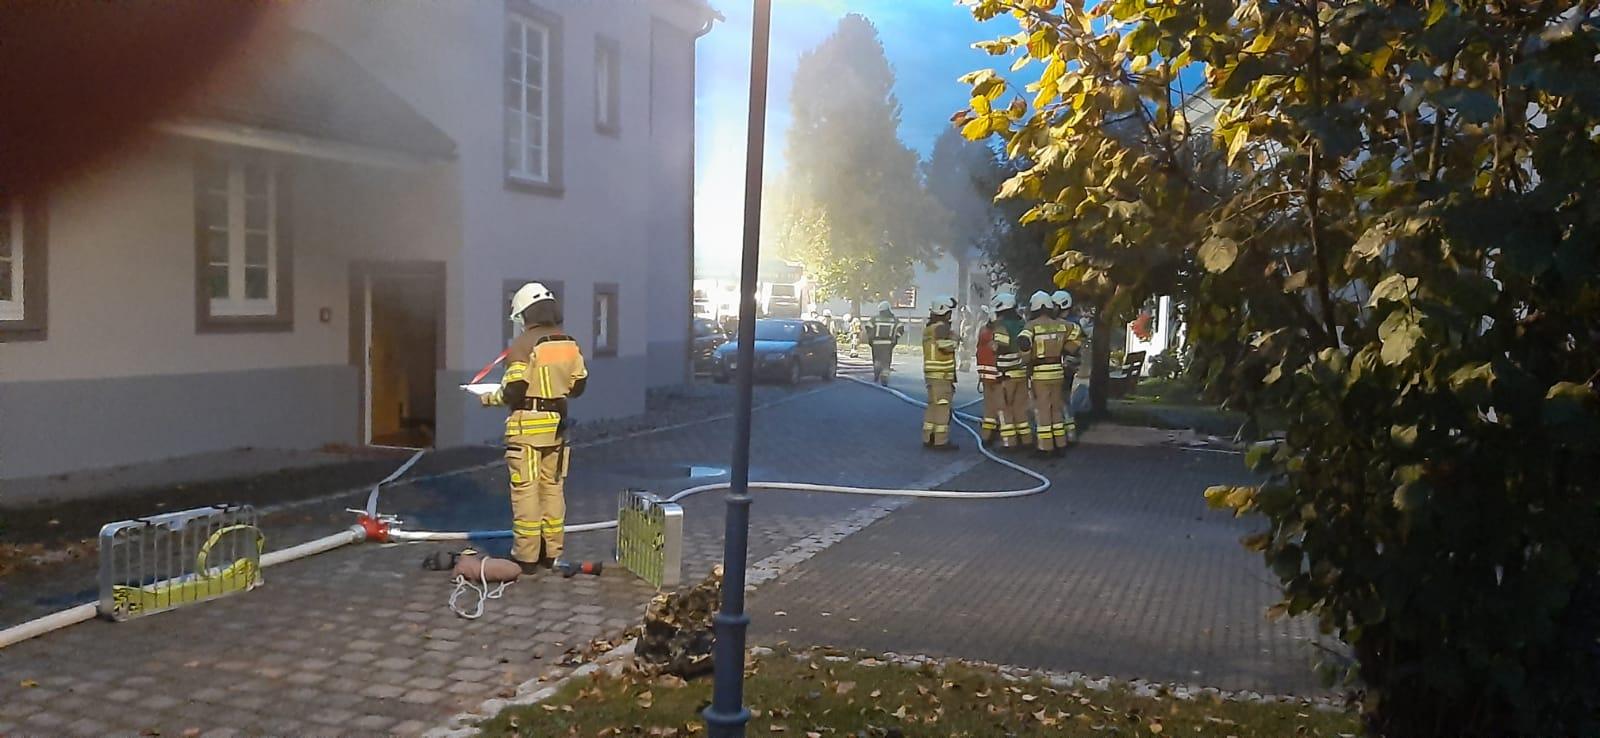 Abschnitt Brandbekämpfung / Menschenrettung